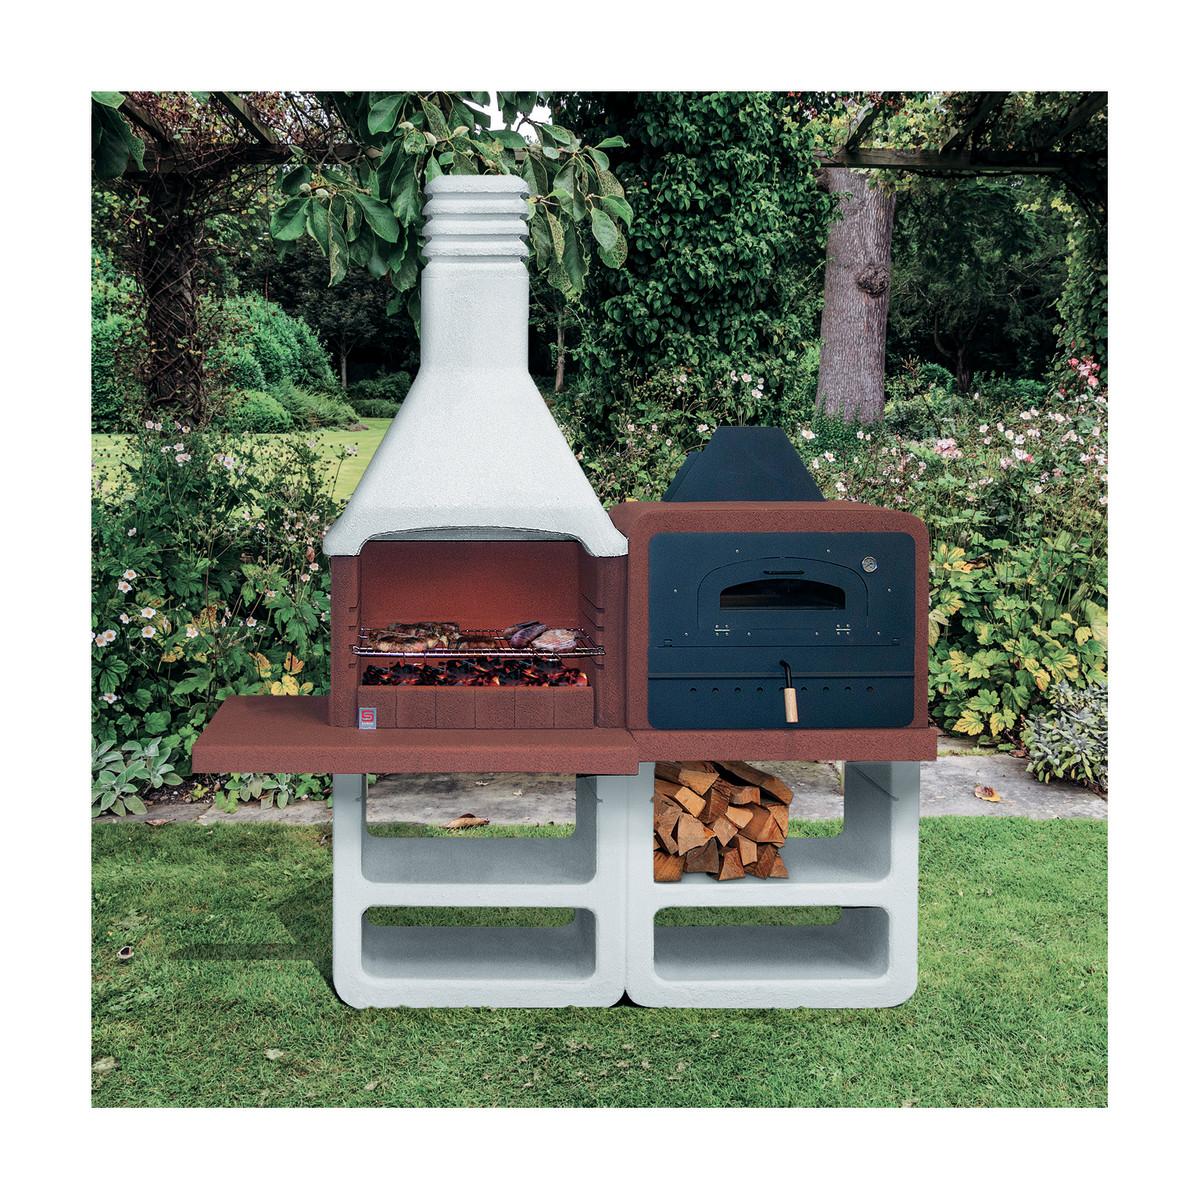 Prezzi barbecue muratura como cappa prezzi e negozi - Barbecue da esterno prezzi ...